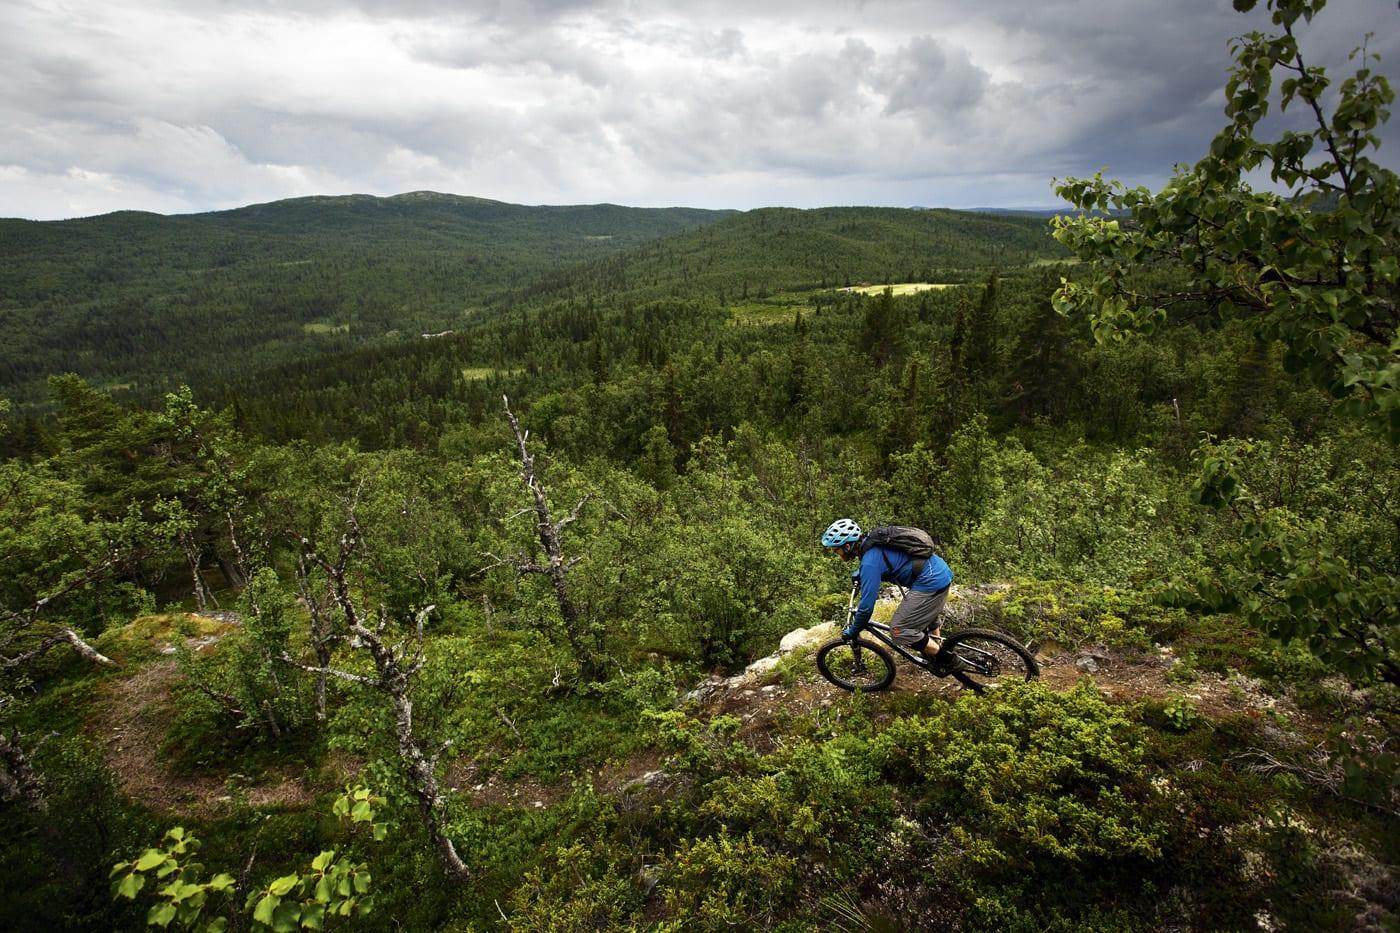 BAKGÅRD: Knut Myking har stier i nabolaget de fleste kan misunne.